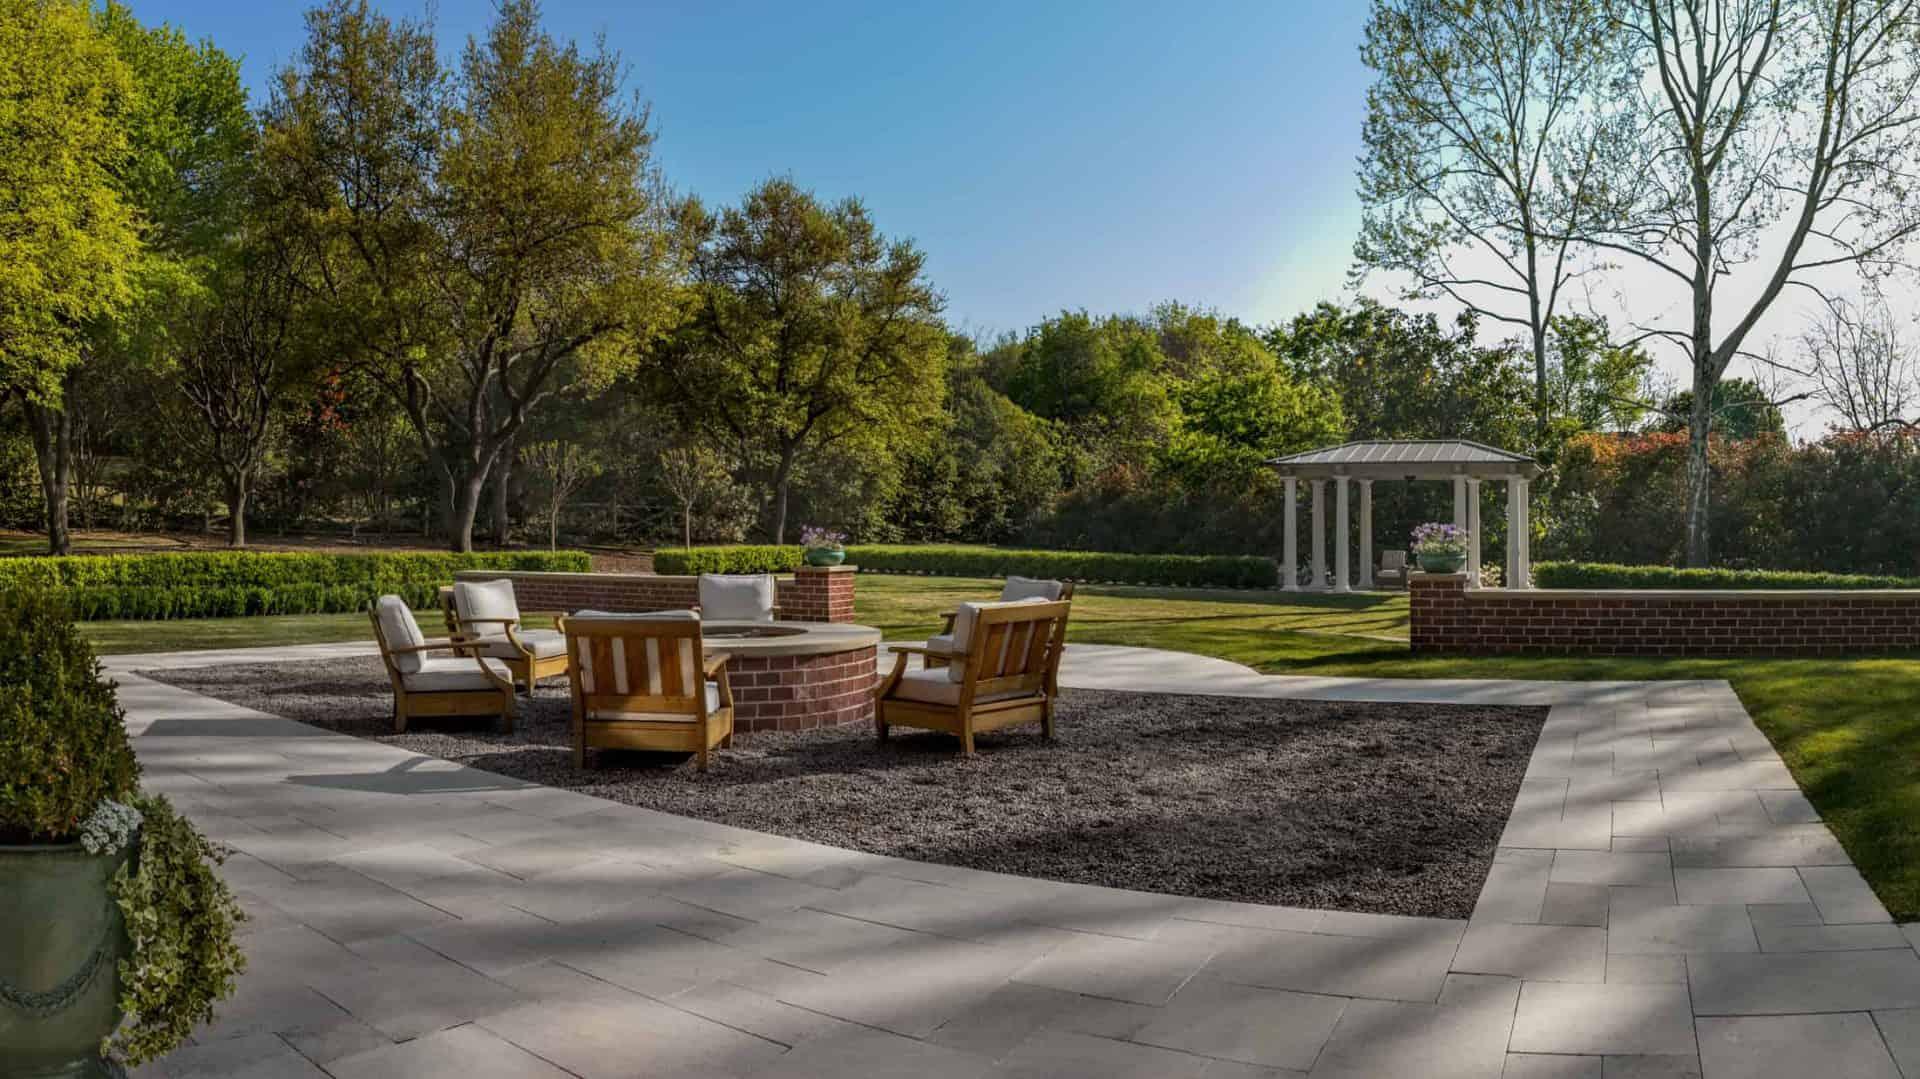 Dallas Landscape Design Firm - Matthew Murrey Design